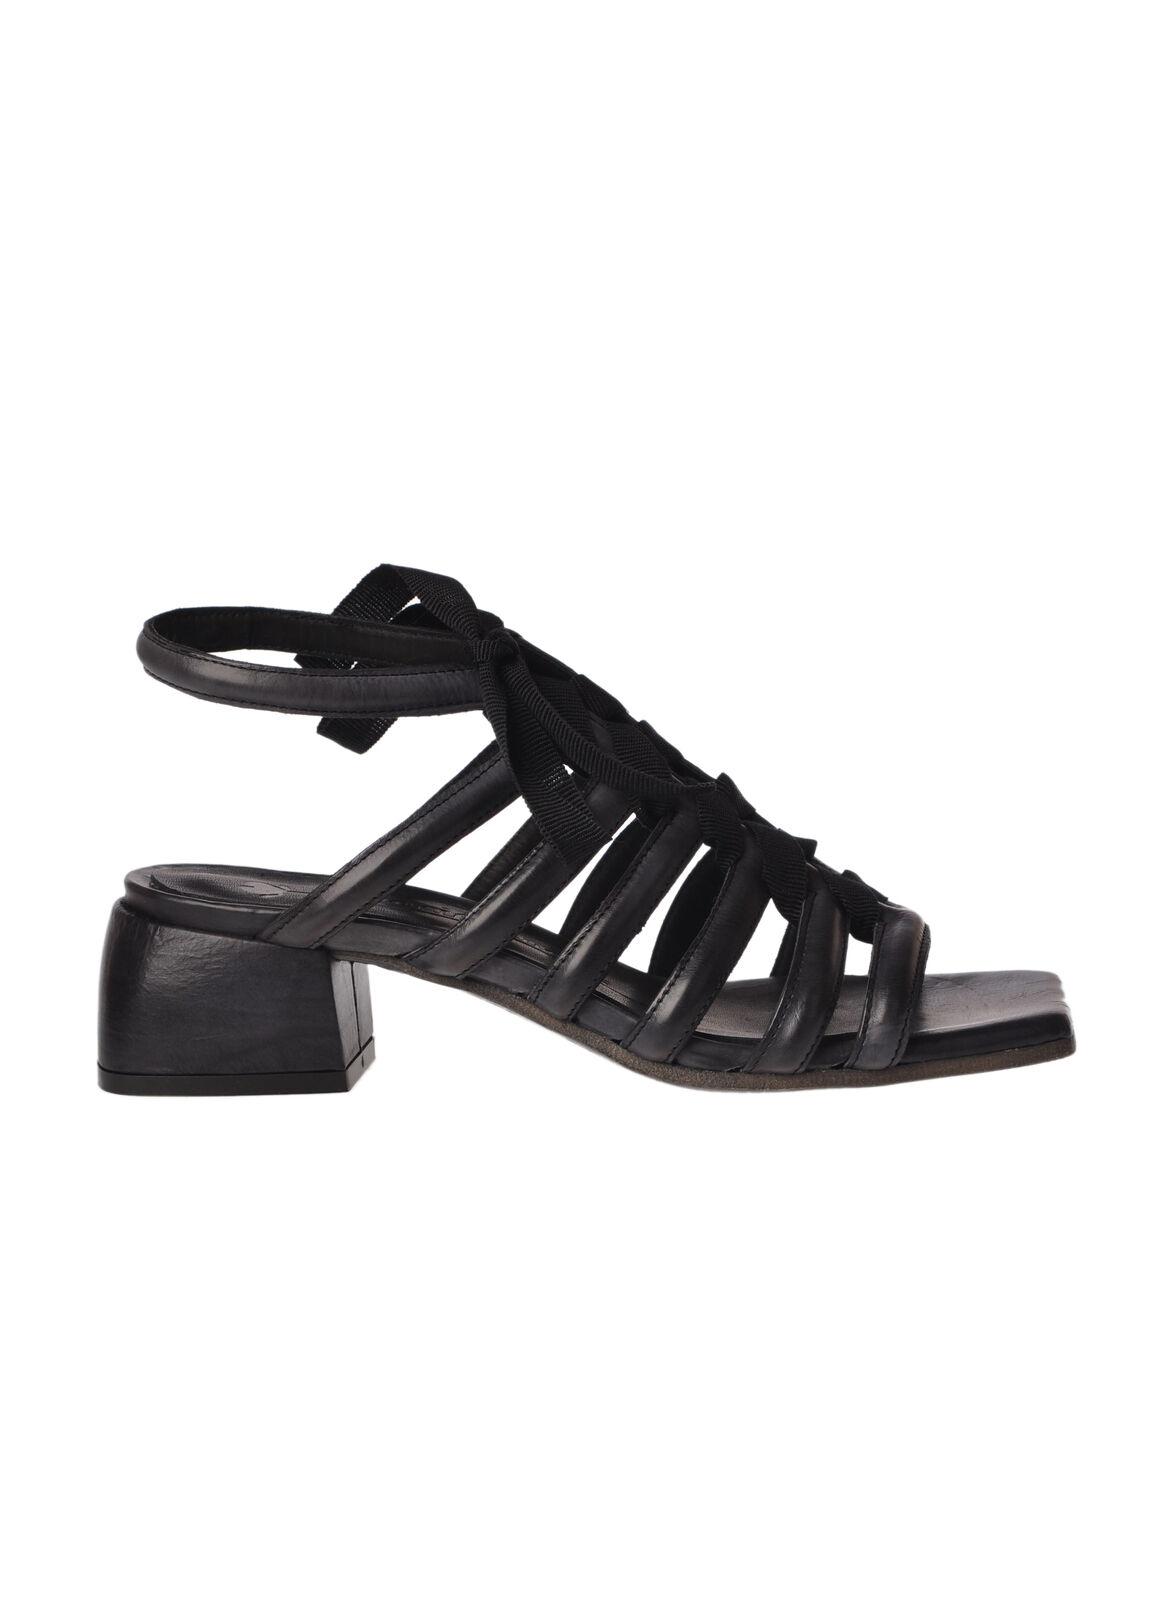 risparmia fino al 30-50% di sconto Fiorifrancesi - scarpe-scarpe scarpe-scarpe scarpe-scarpe - Donna - nero - 4839910H181118  alta qualità